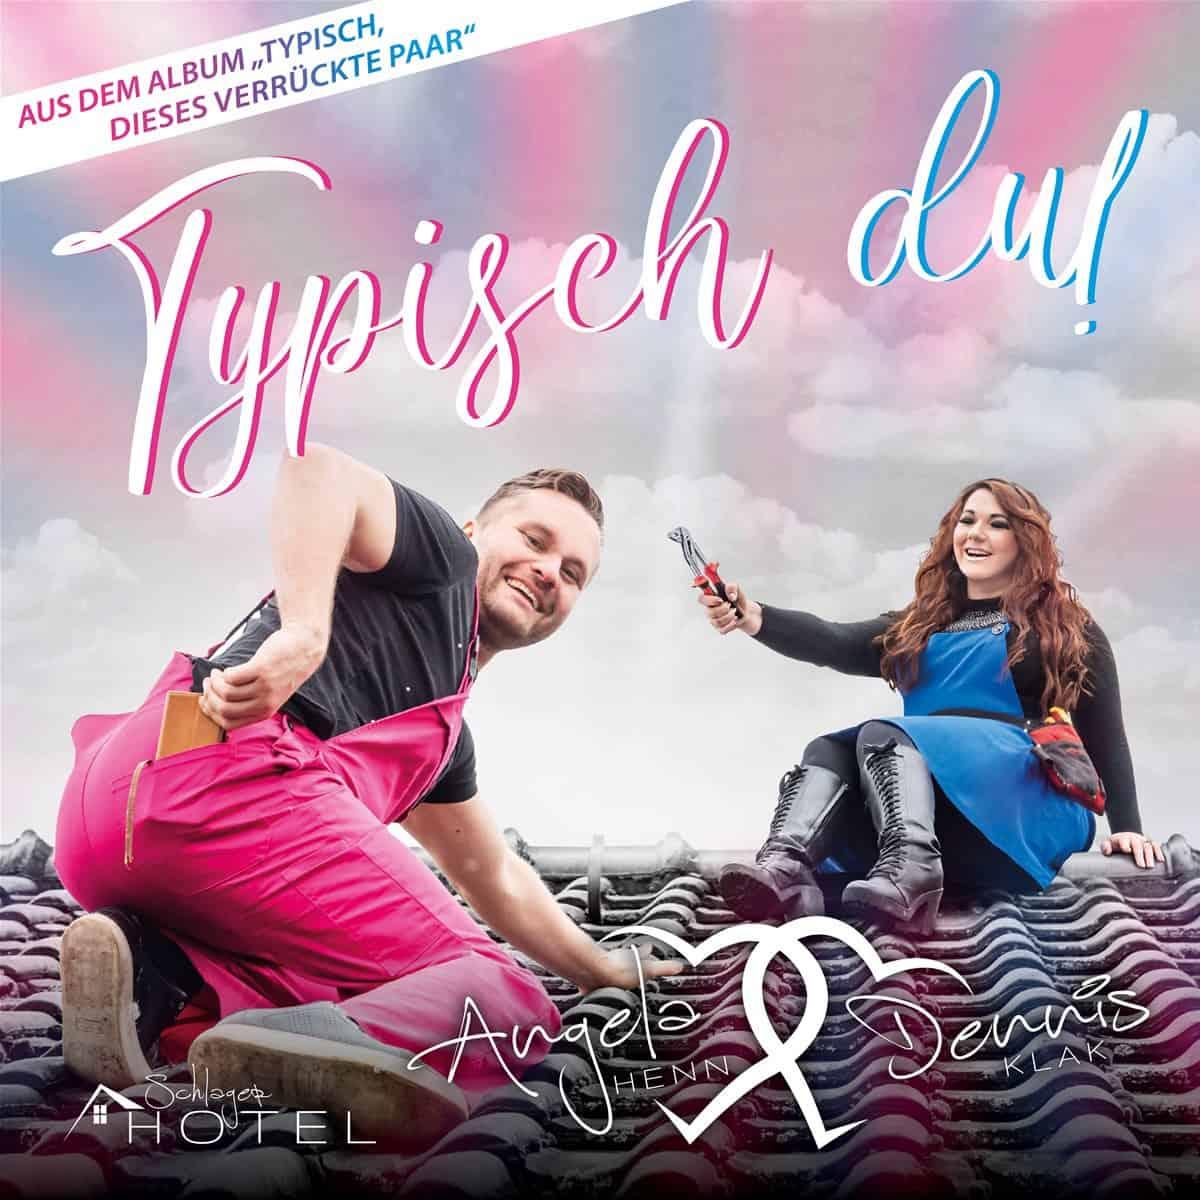 Angela Henn & Dennis Klak - Typisch du! (2021)